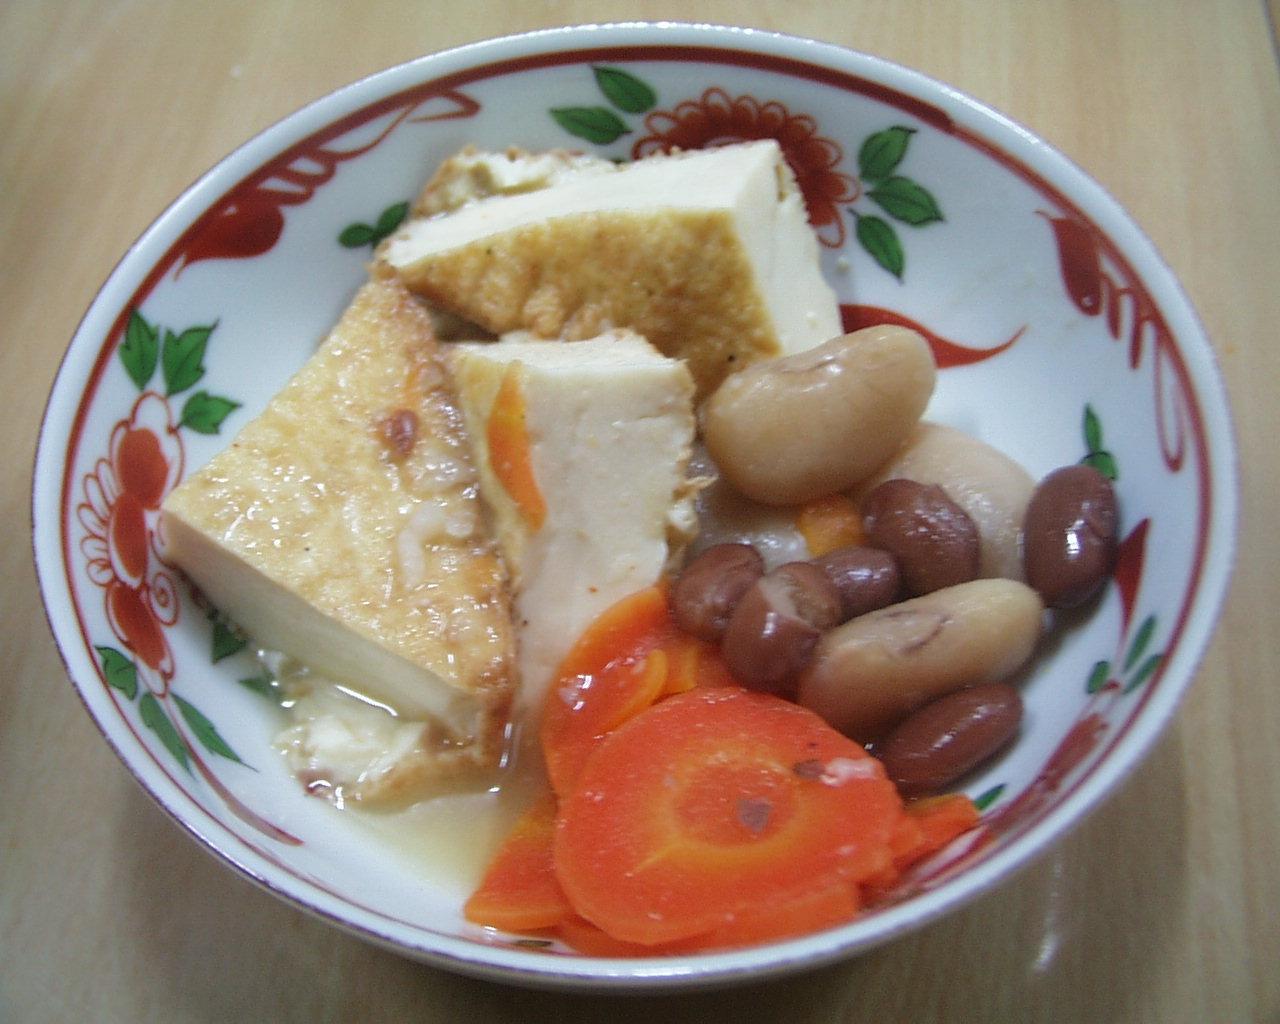 白花豆、金時豆、厚揚げ、にんじんの添え物